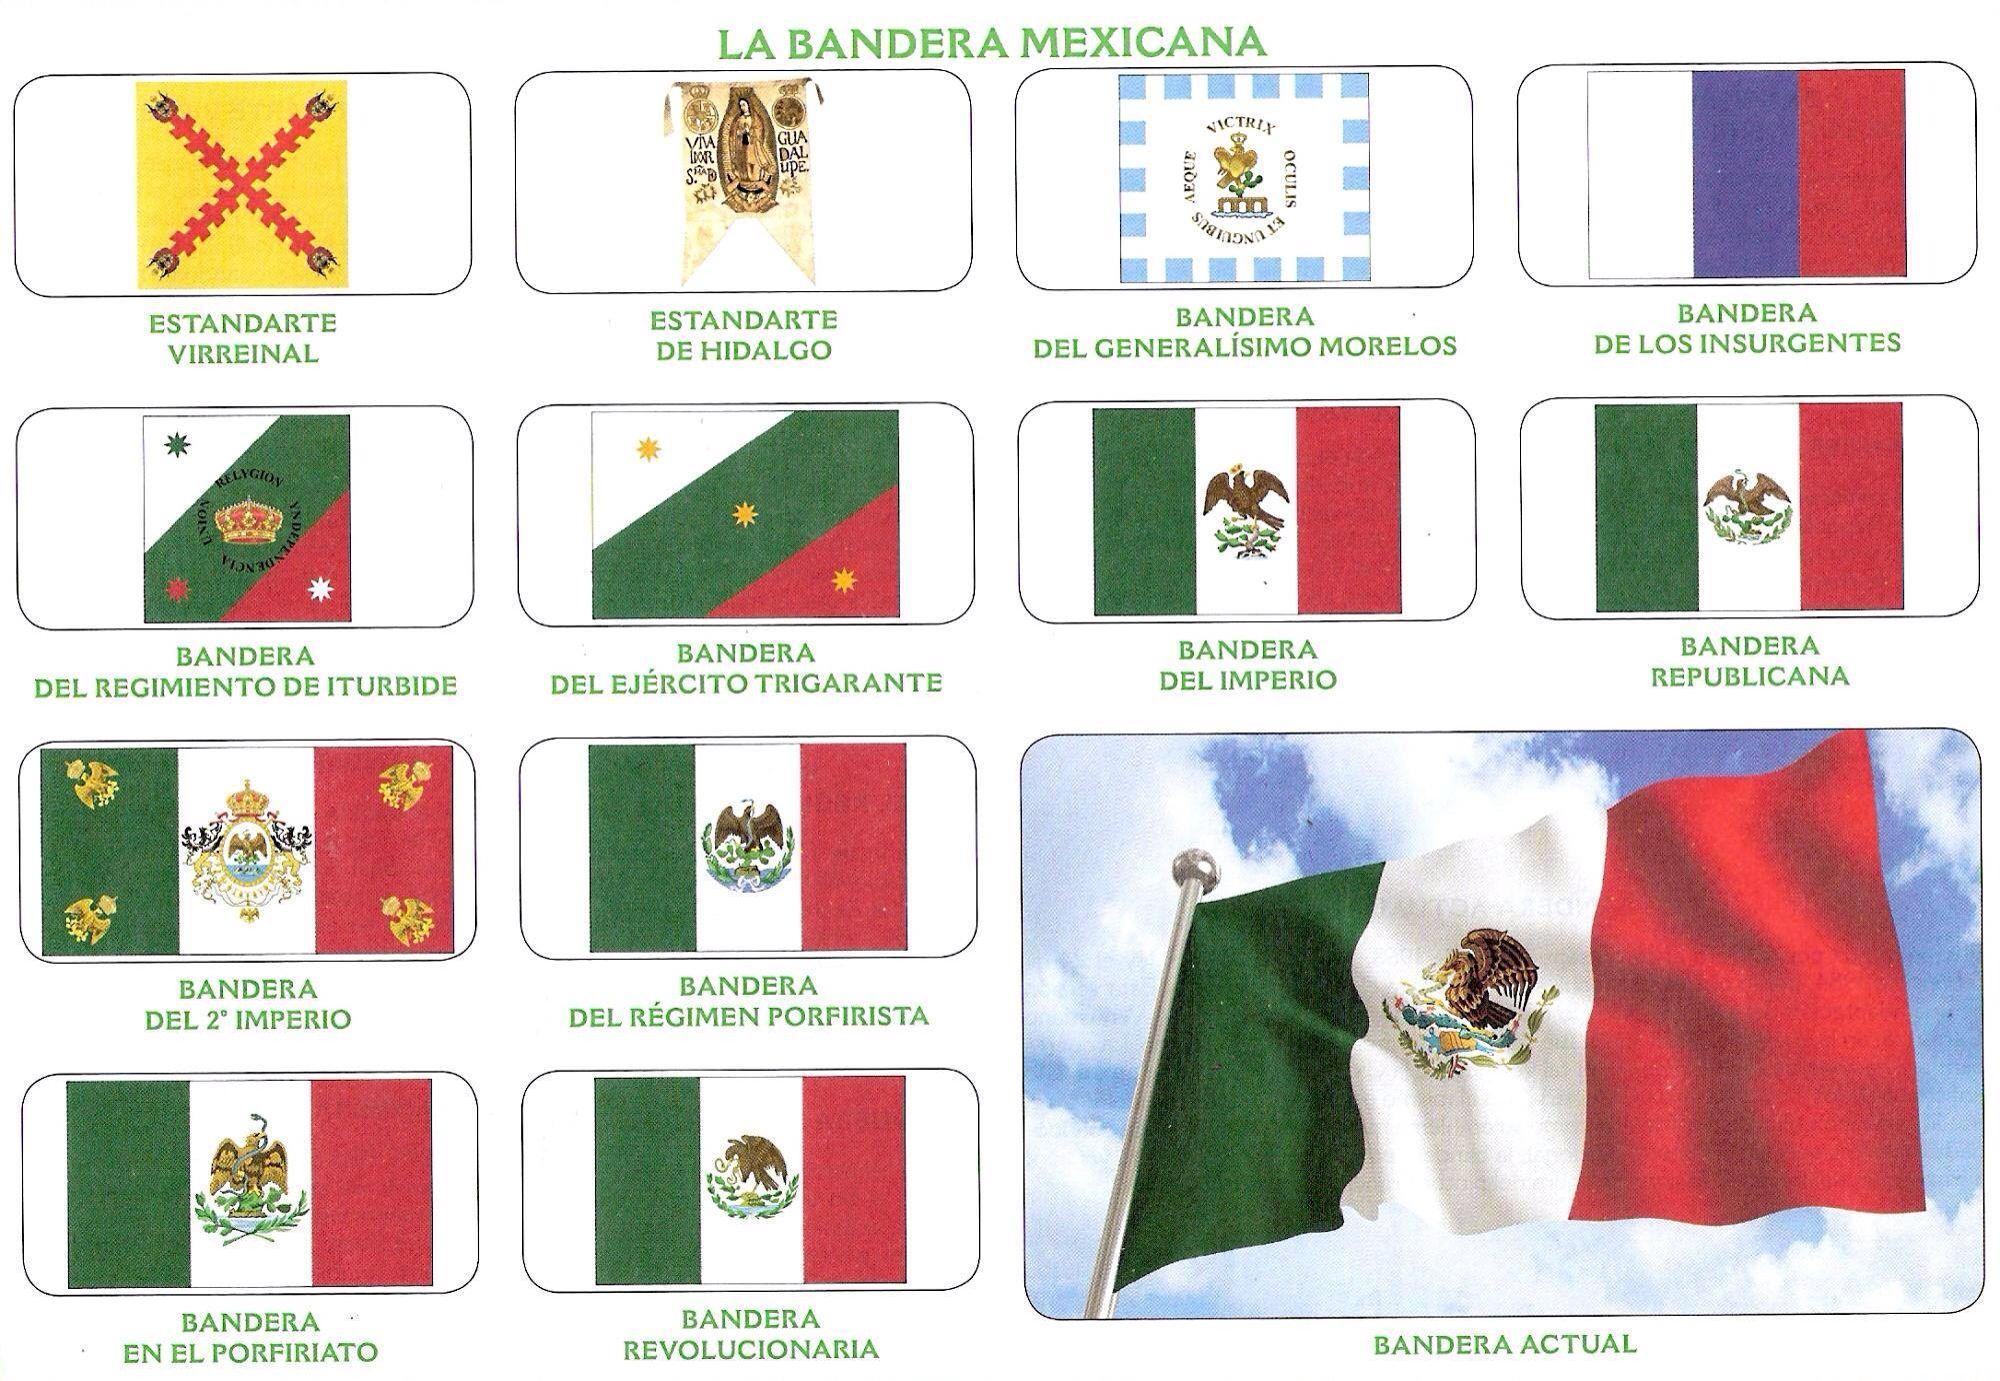 Evolución de la bandera mexicana | Mexico lindo y querido | Pinterest